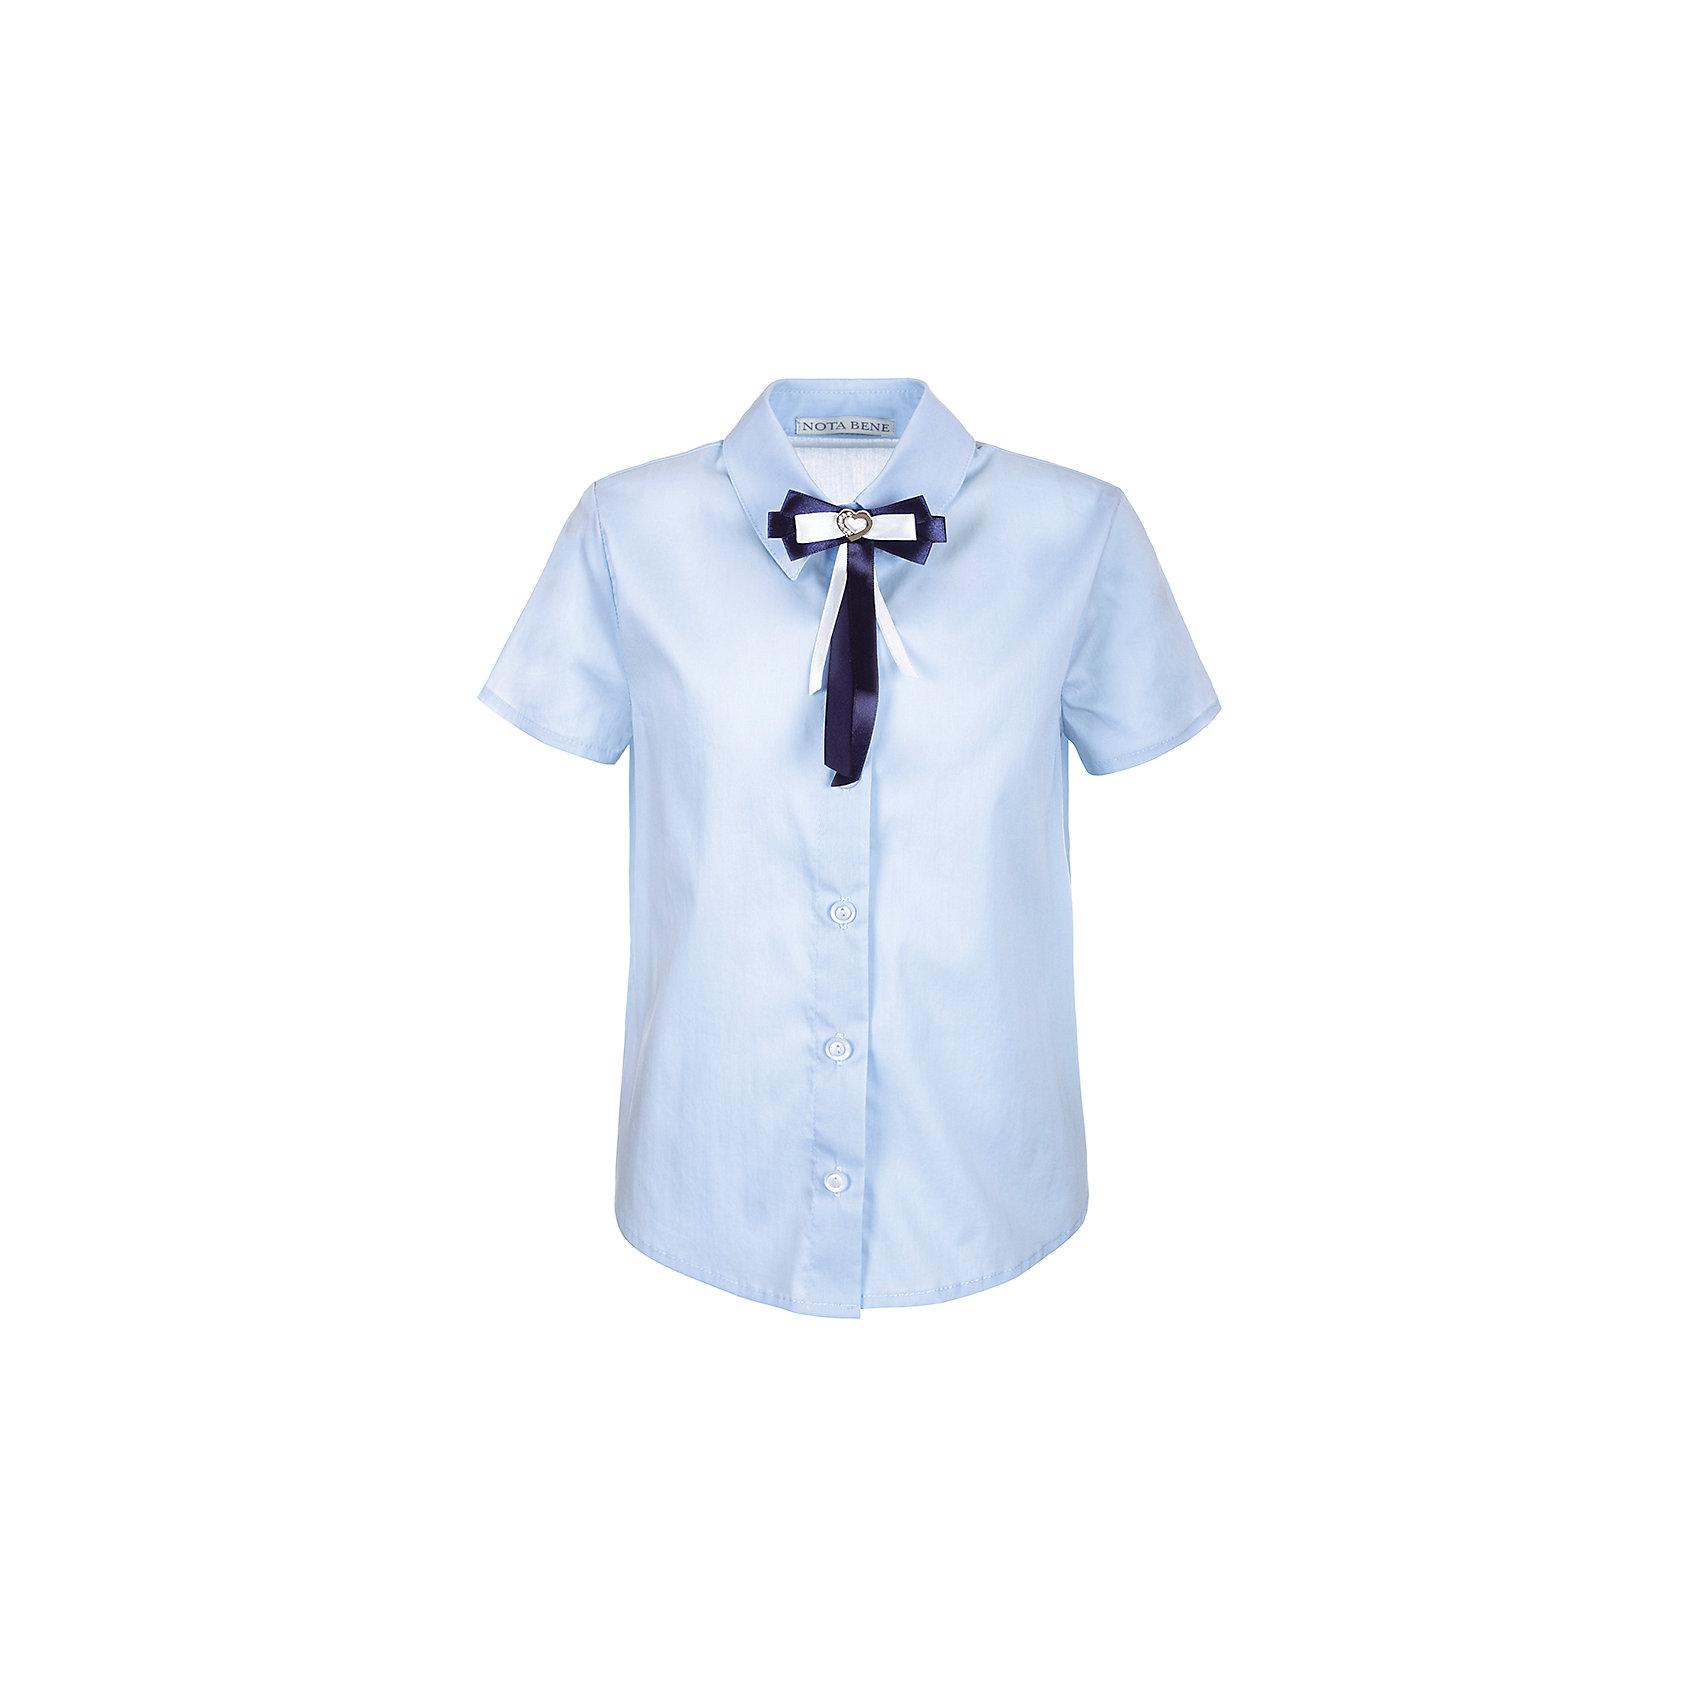 Блузка Nota Bene для девочкиБлузки и рубашки<br>Характеристики товара:<br><br>• цвет: голубой<br>• состав: 60% хлопок, 37% полиэстер, 3% лайкра<br>• сезон: демисезон<br>• особенности модели: школьная<br>• застежка: пуговицы<br>• короткие рукава<br>• декор: бант на булавке<br>• страна бренда: Россия<br>• страна производства: Россия<br><br>Голубая детская блузка с коротким рукавом декорирована пристегивающимся бантом. Легкая блузка для ребенка соответствует школьному дресс-коду. Школьная блузка комфортно сидит на теле благодаря преобладанию в составе материала натурального хлопка. <br><br>Блузку Nota Bene (Нота Бене) для девочки можно купить в нашем интернет-магазине.<br><br>Ширина мм: 186<br>Глубина мм: 87<br>Высота мм: 198<br>Вес г: 197<br>Цвет: голубой<br>Возраст от месяцев: 72<br>Возраст до месяцев: 84<br>Пол: Женский<br>Возраст: Детский<br>Размер: 122,128,140<br>SKU: 7012236